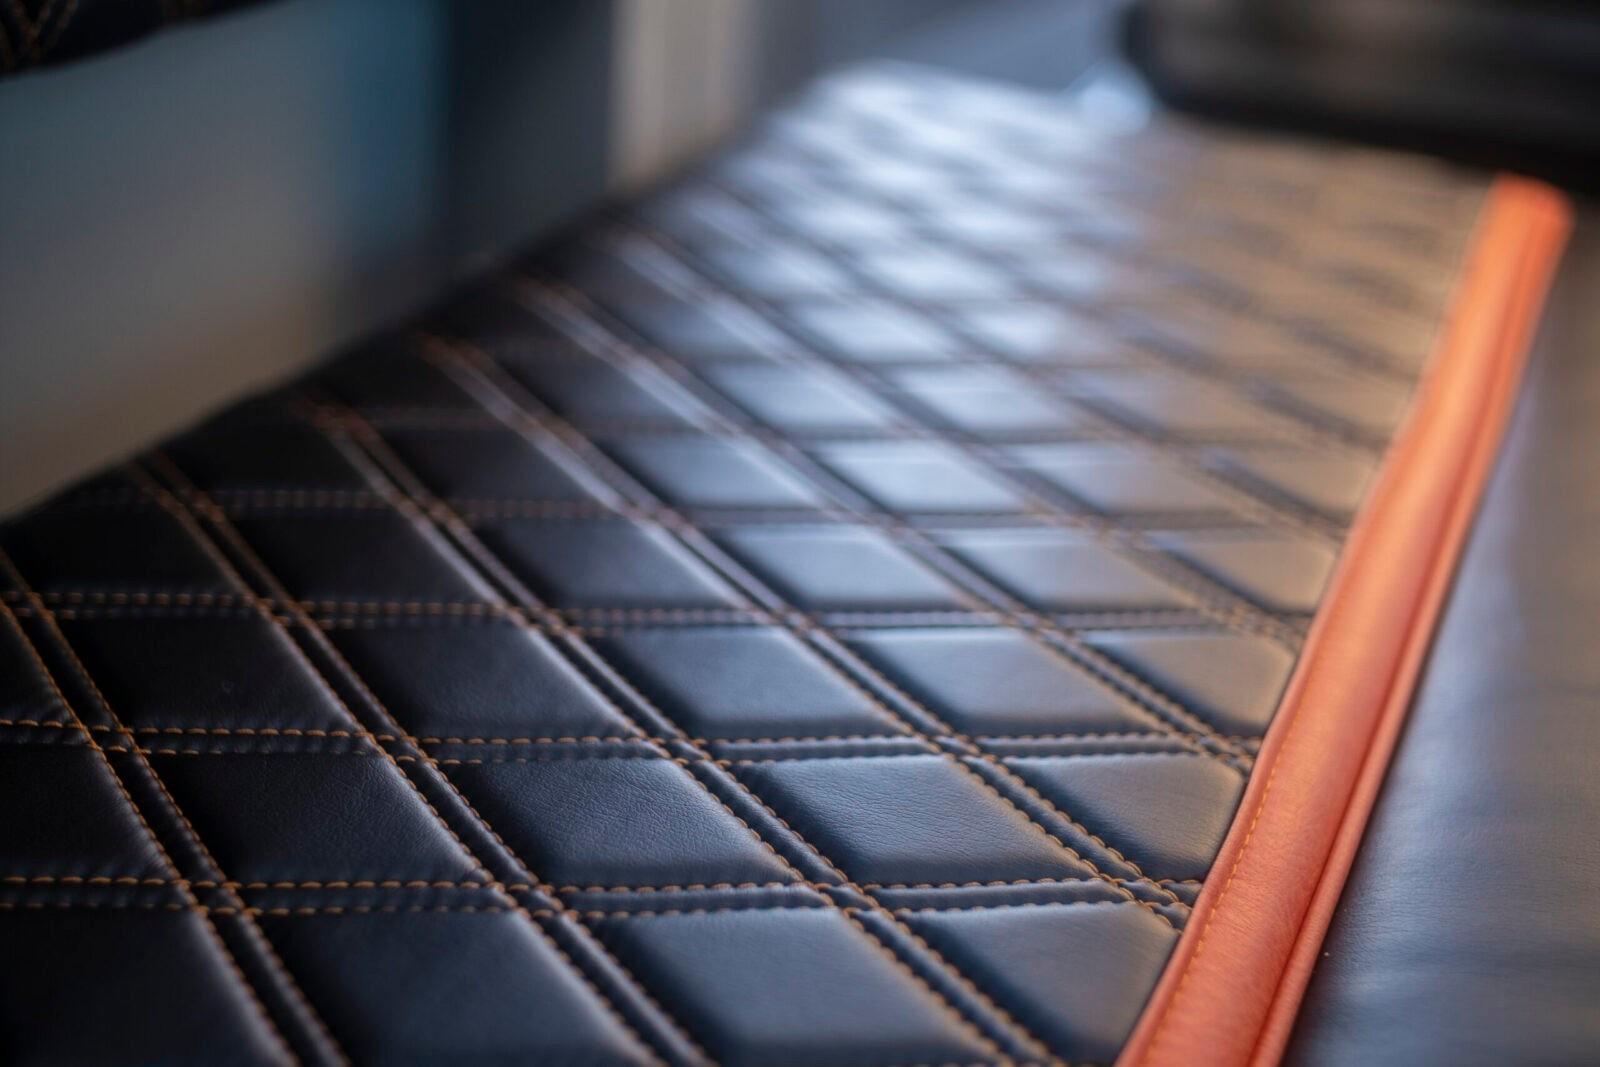 Контрастная прострочка швов дивана и кресел в салоне